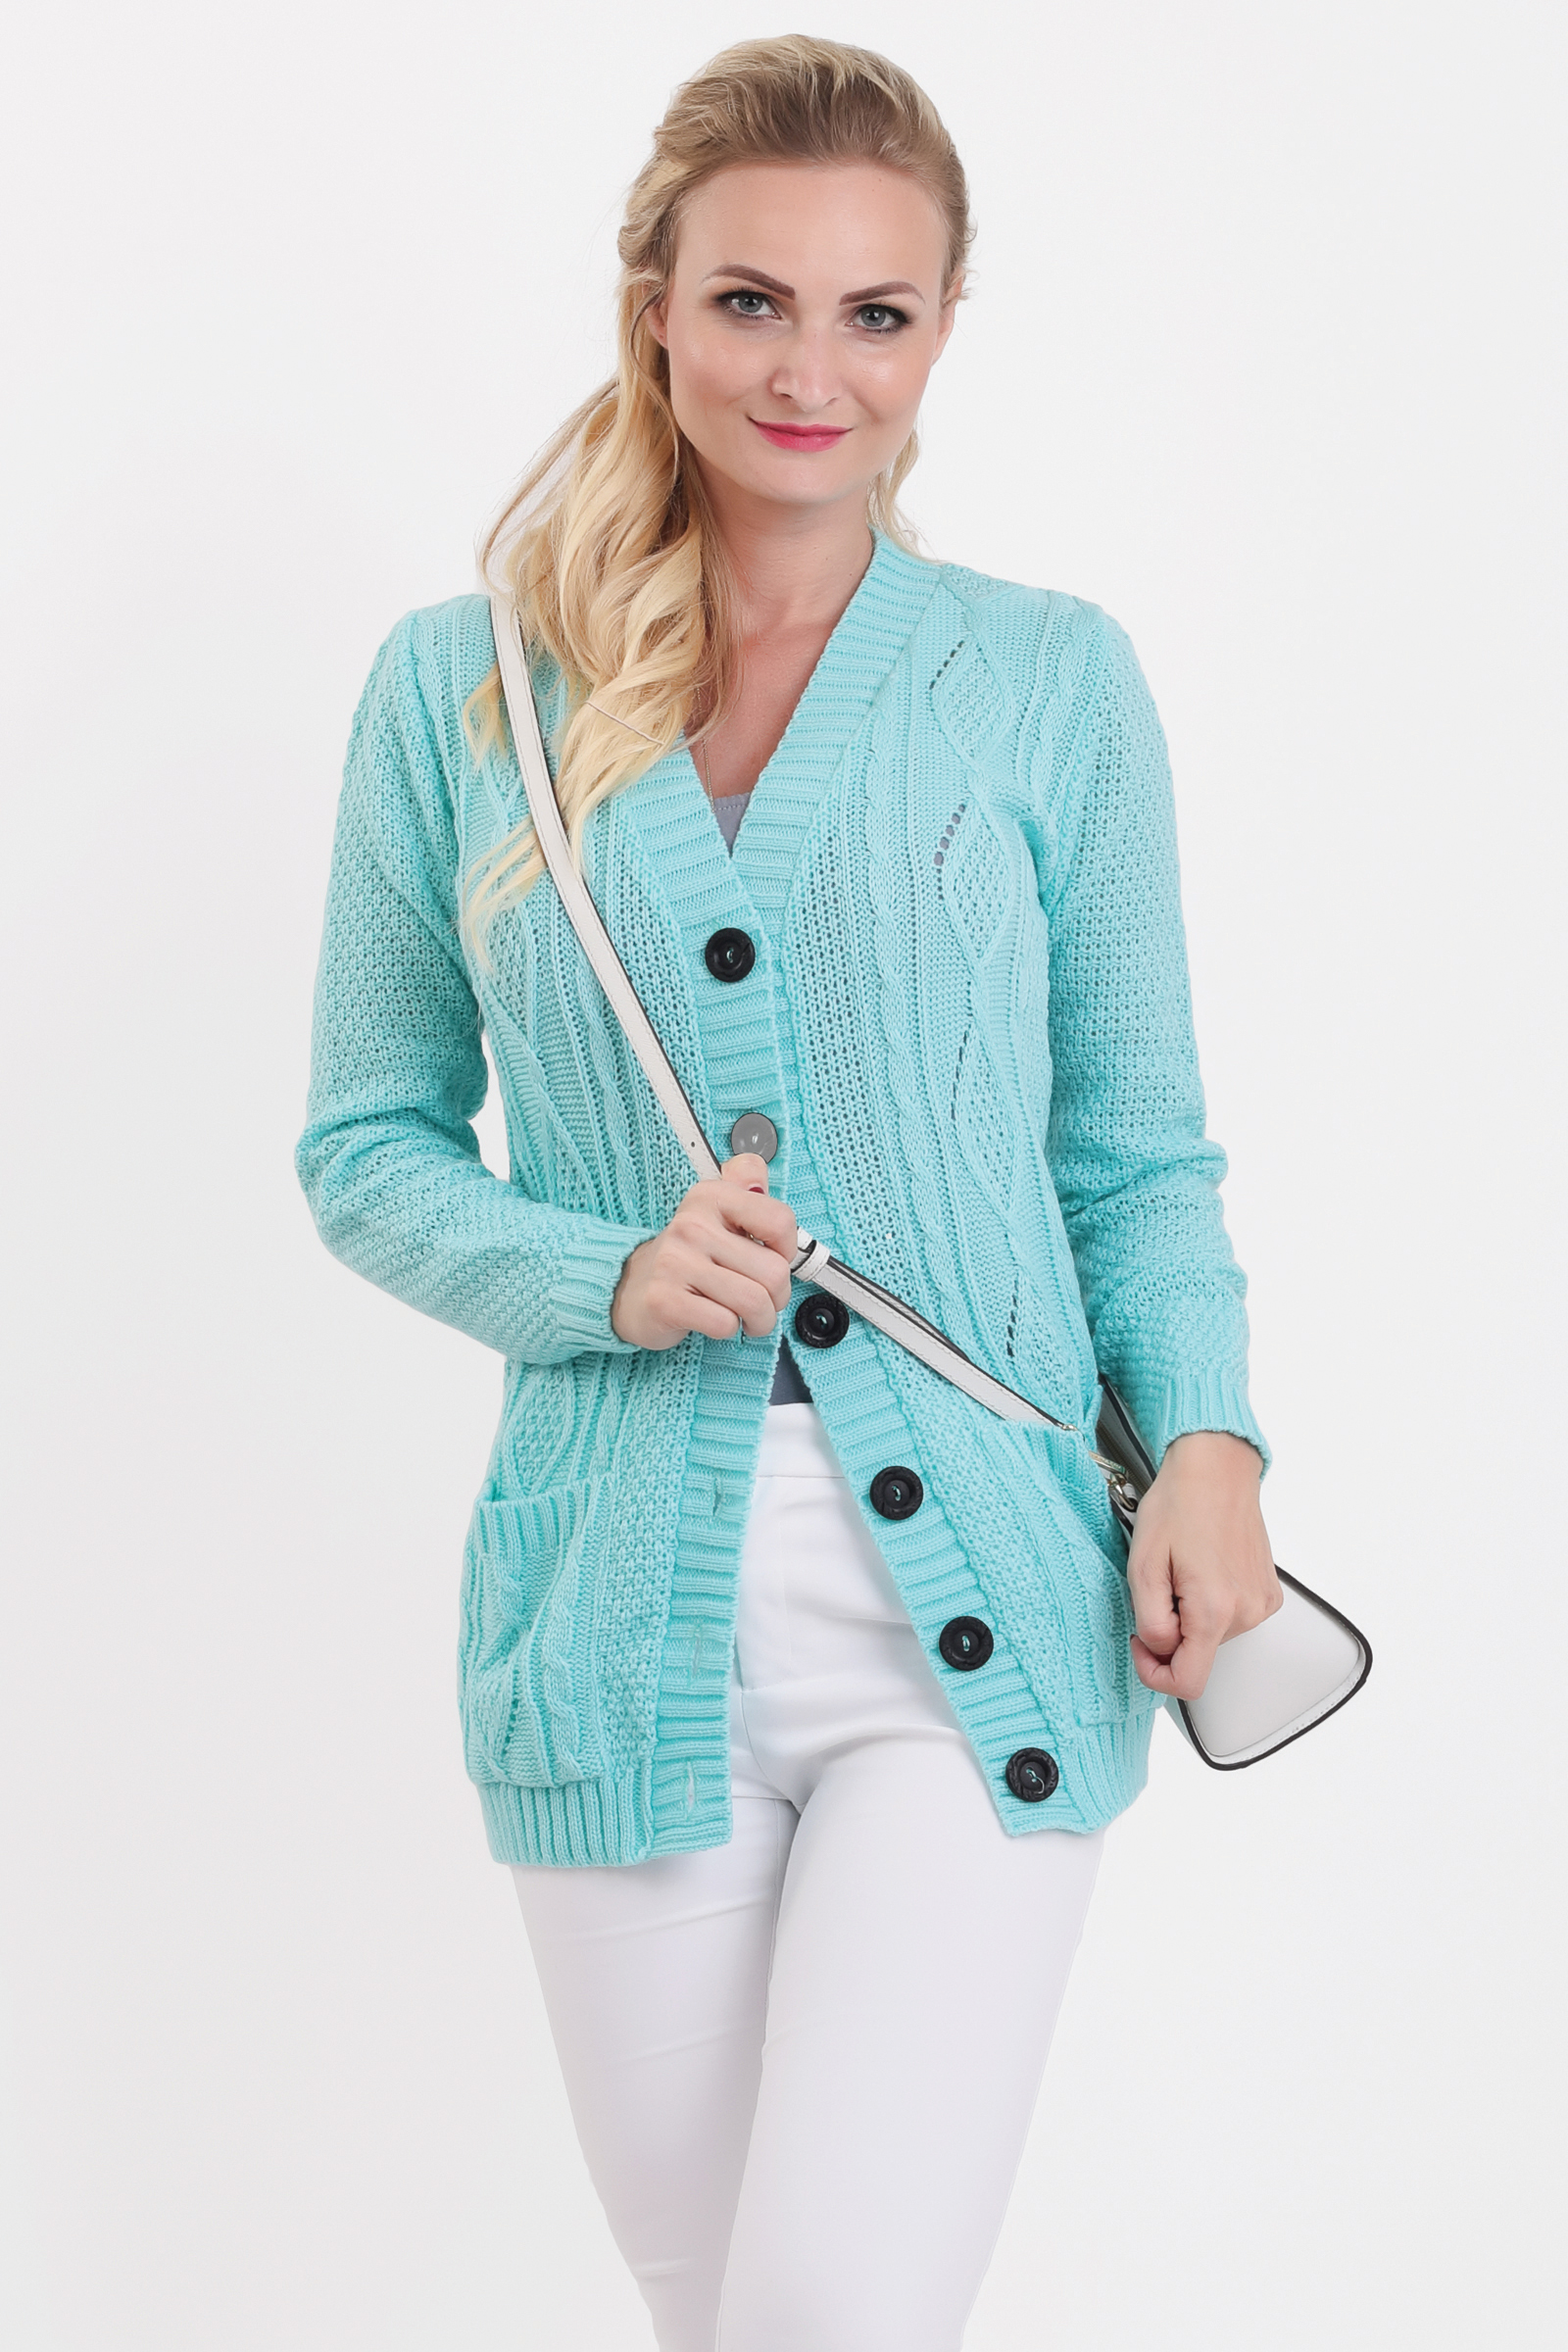 a99685fd9e34 Dámske svetre. Mätový pletený sveter na gombíky SELMA zväčšiť obrázok